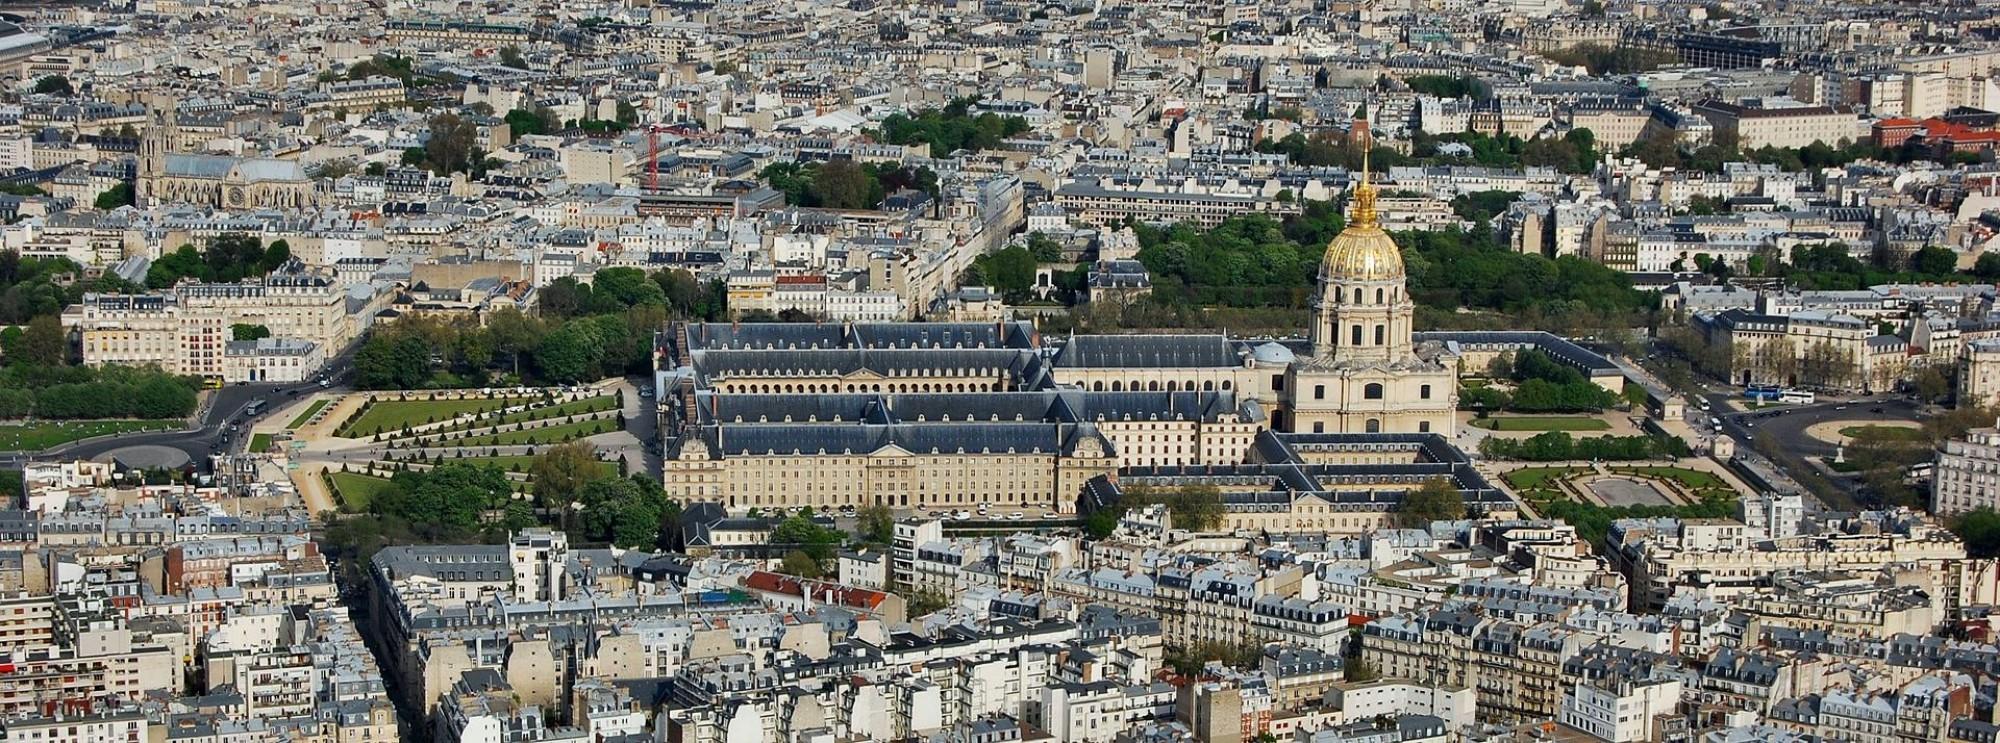 Capital de Francia qué ver